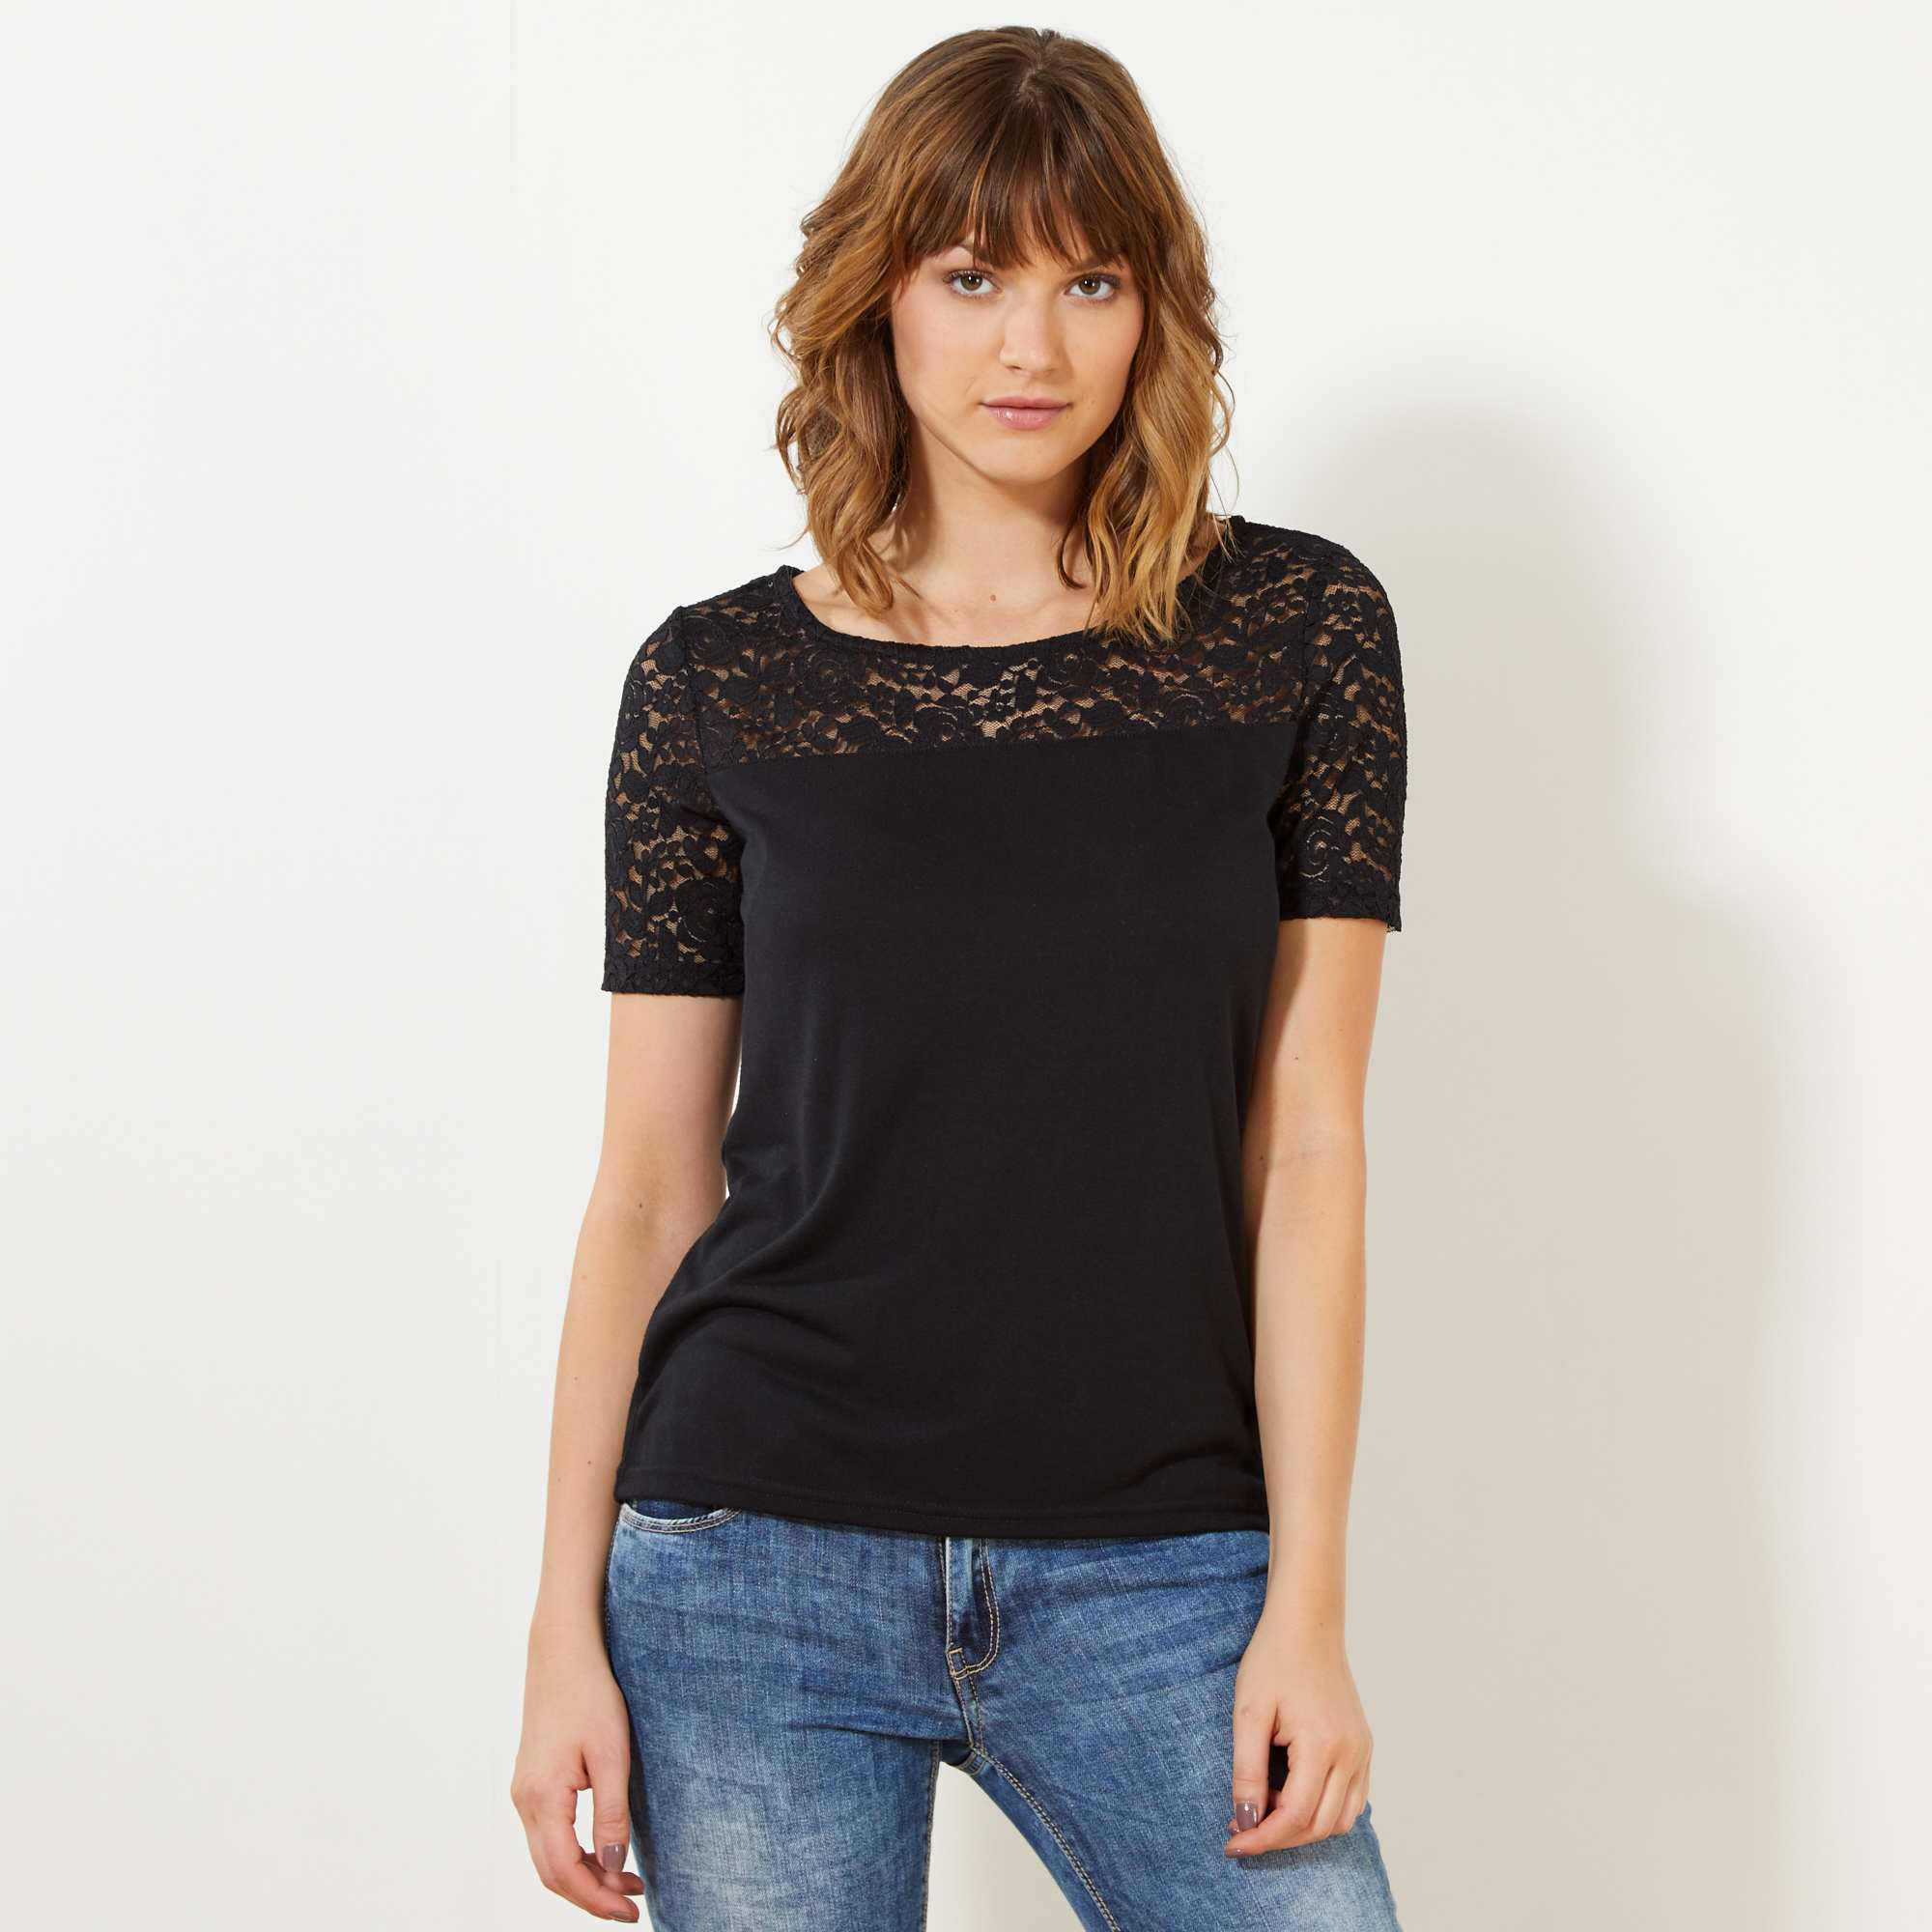 Couleur : noir, , ,, - Taille : S, , ,,Le petit T-shirt qui se mariera aussi bien à vos jeans, qu'à vos tenues plus habillées